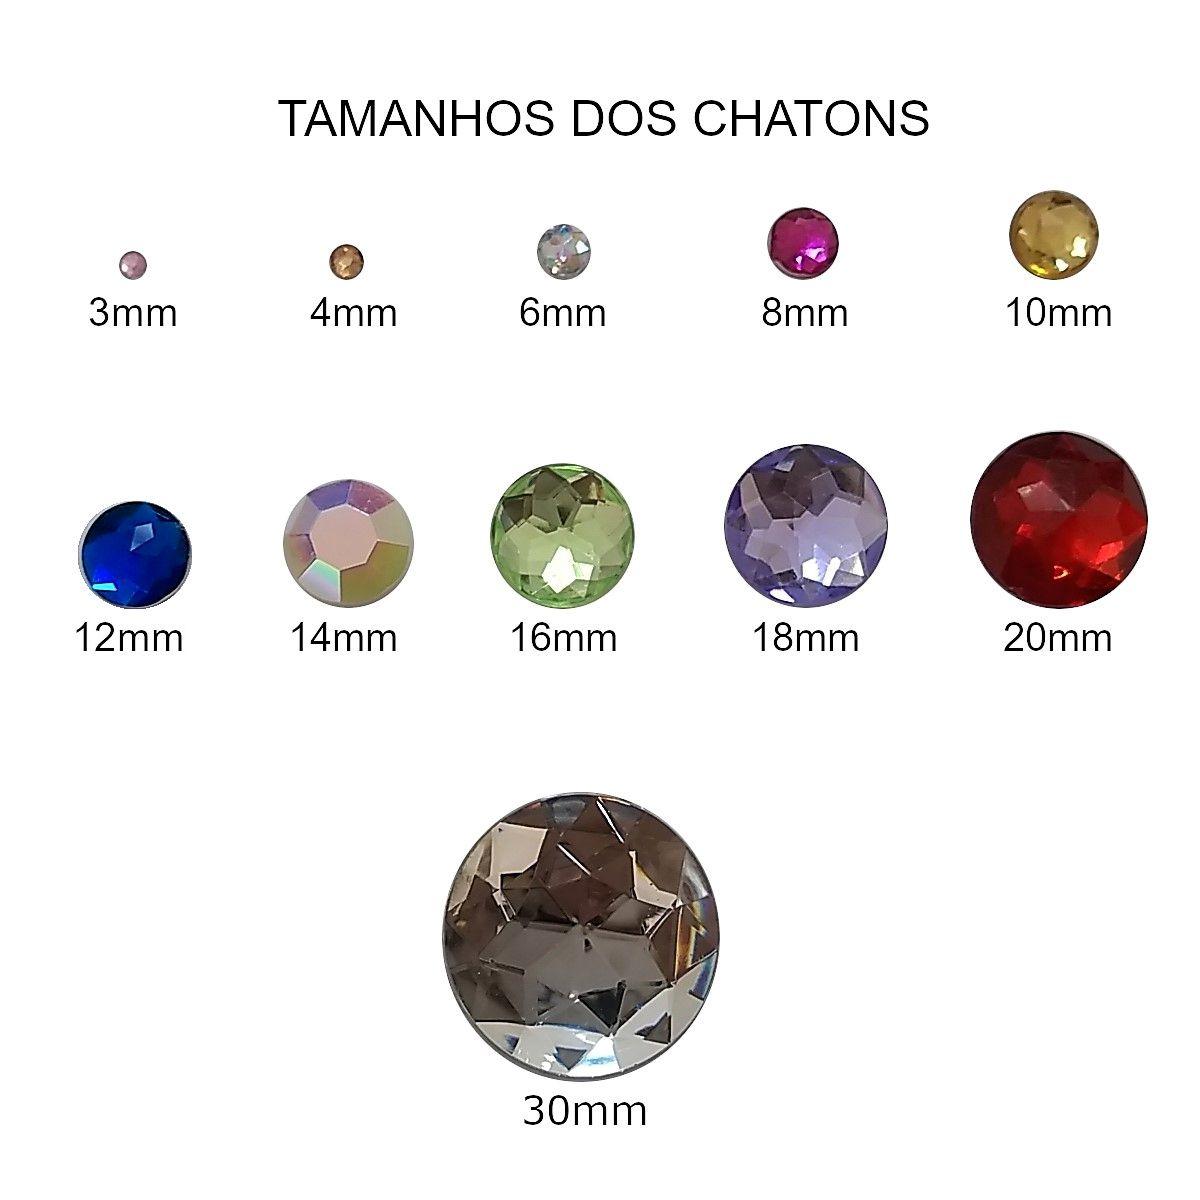 Chaton Costura Redondo Pink 6mm a 16mm  - SanBiju